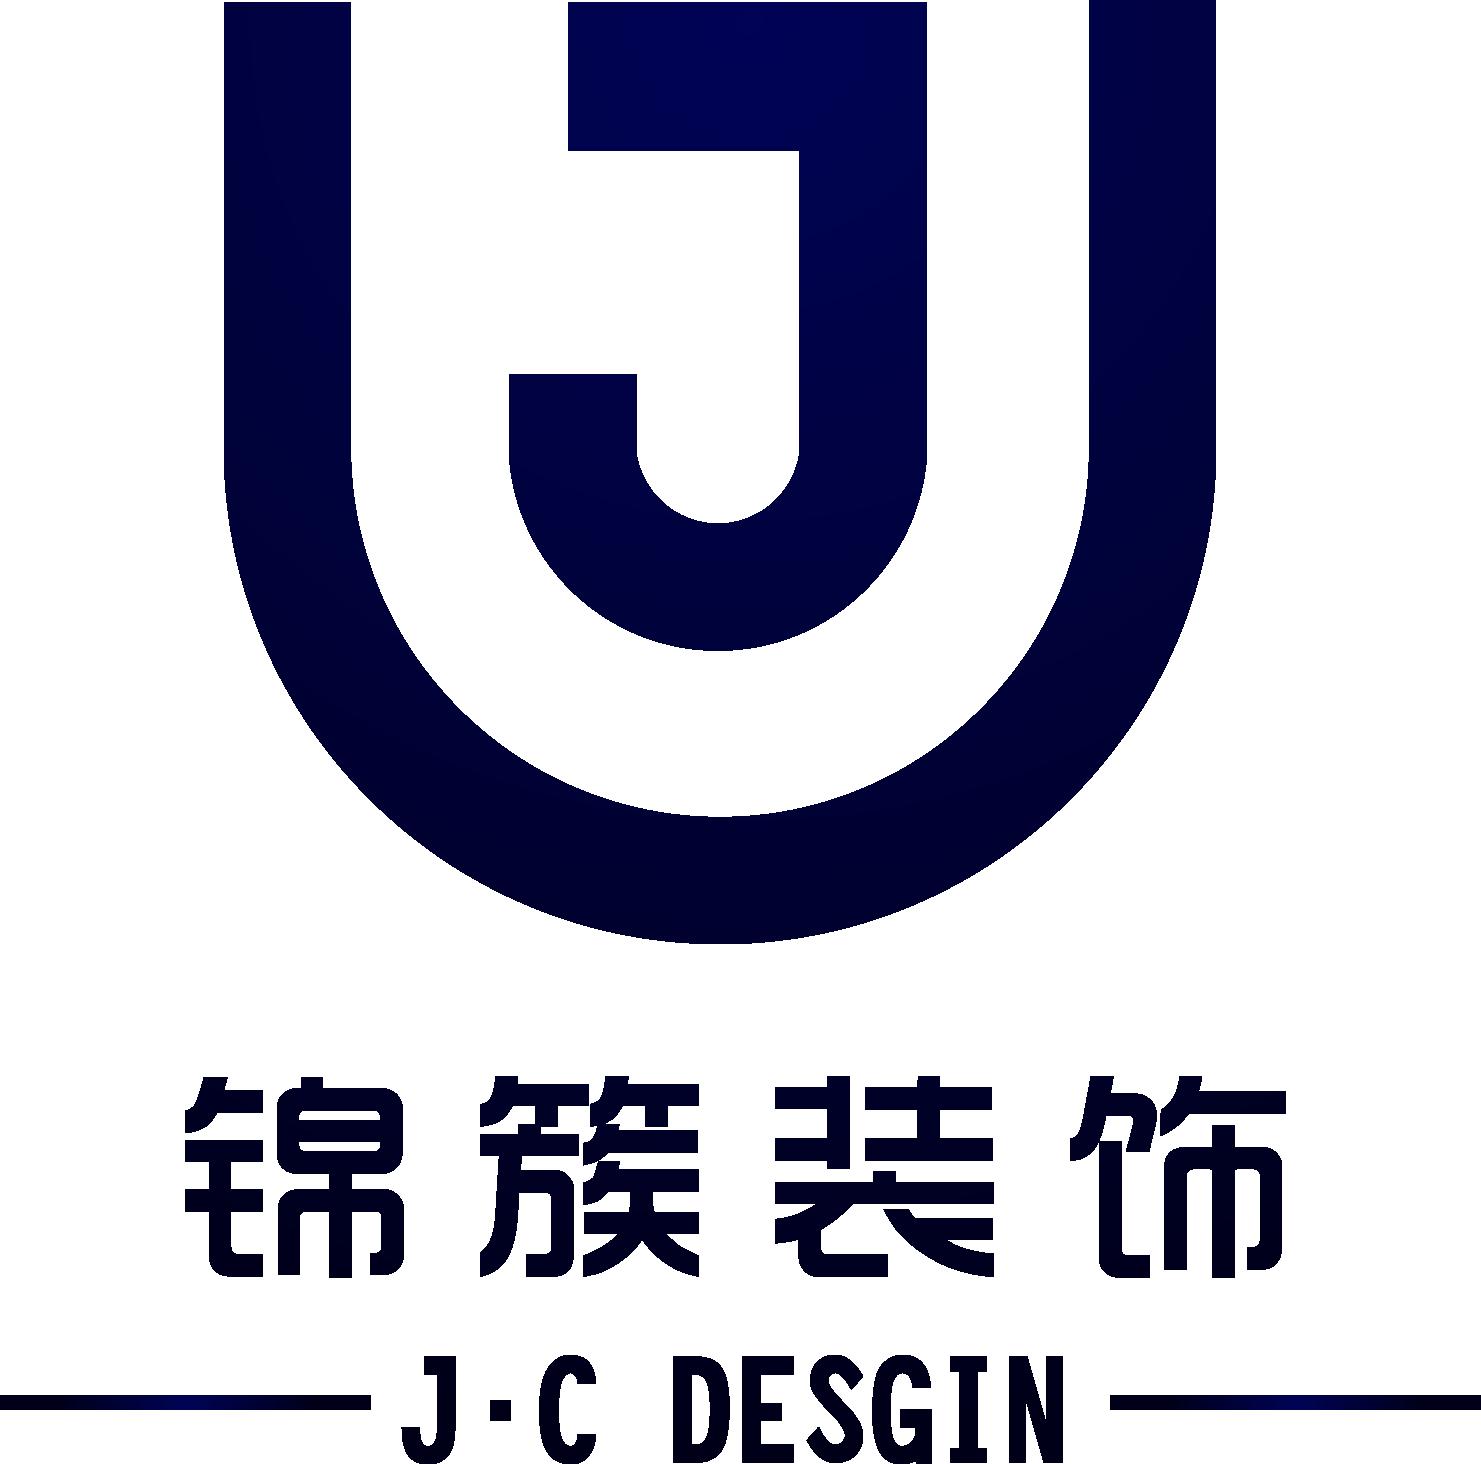 杭州锦簇装饰设计有限公司